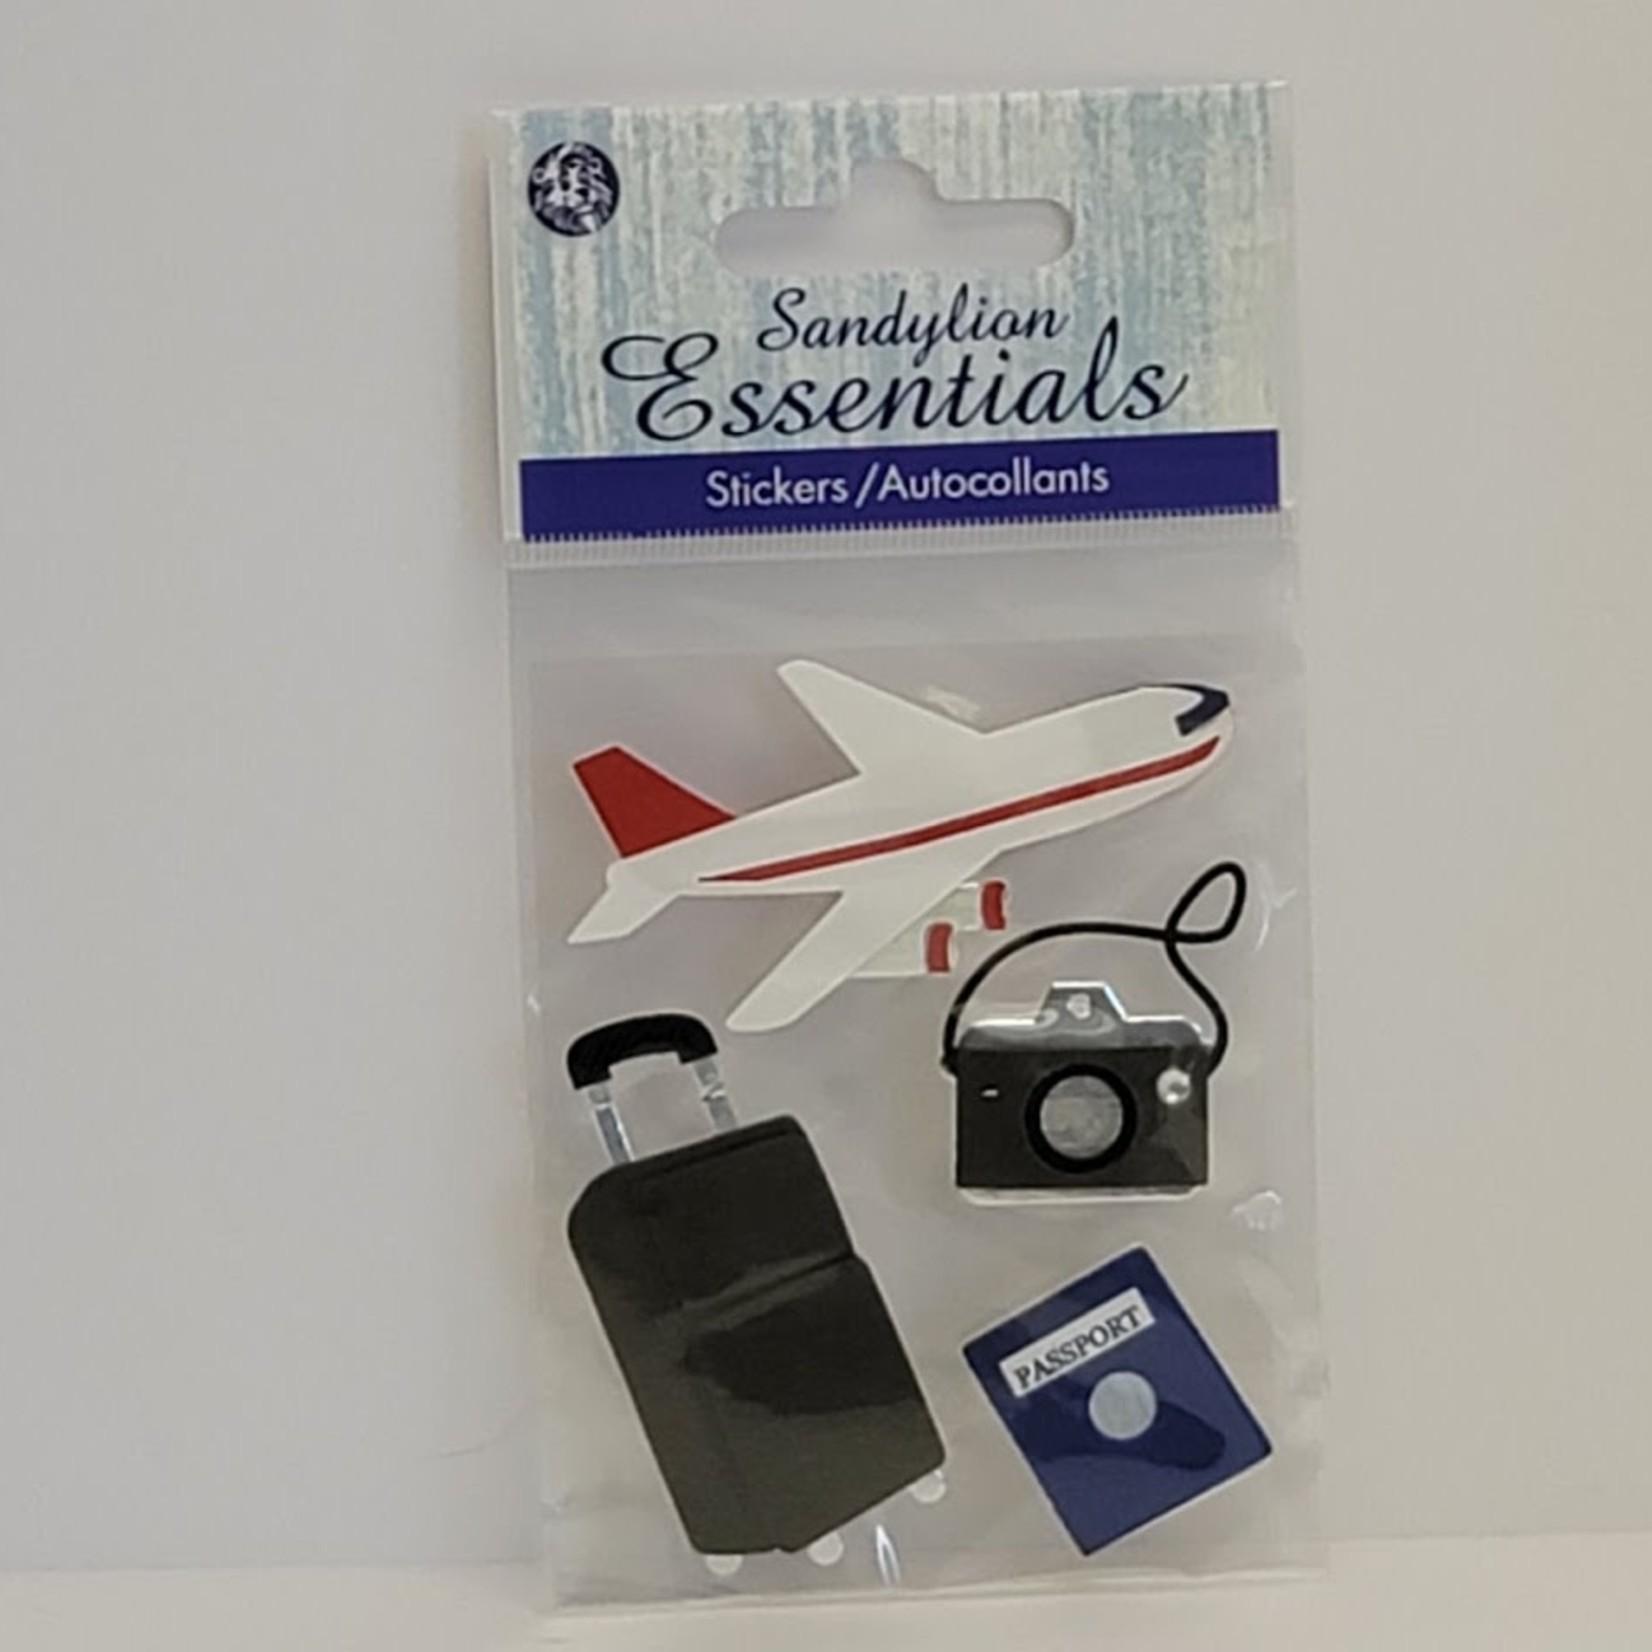 Sandylion Essentials - Stickers - Travel, Plane